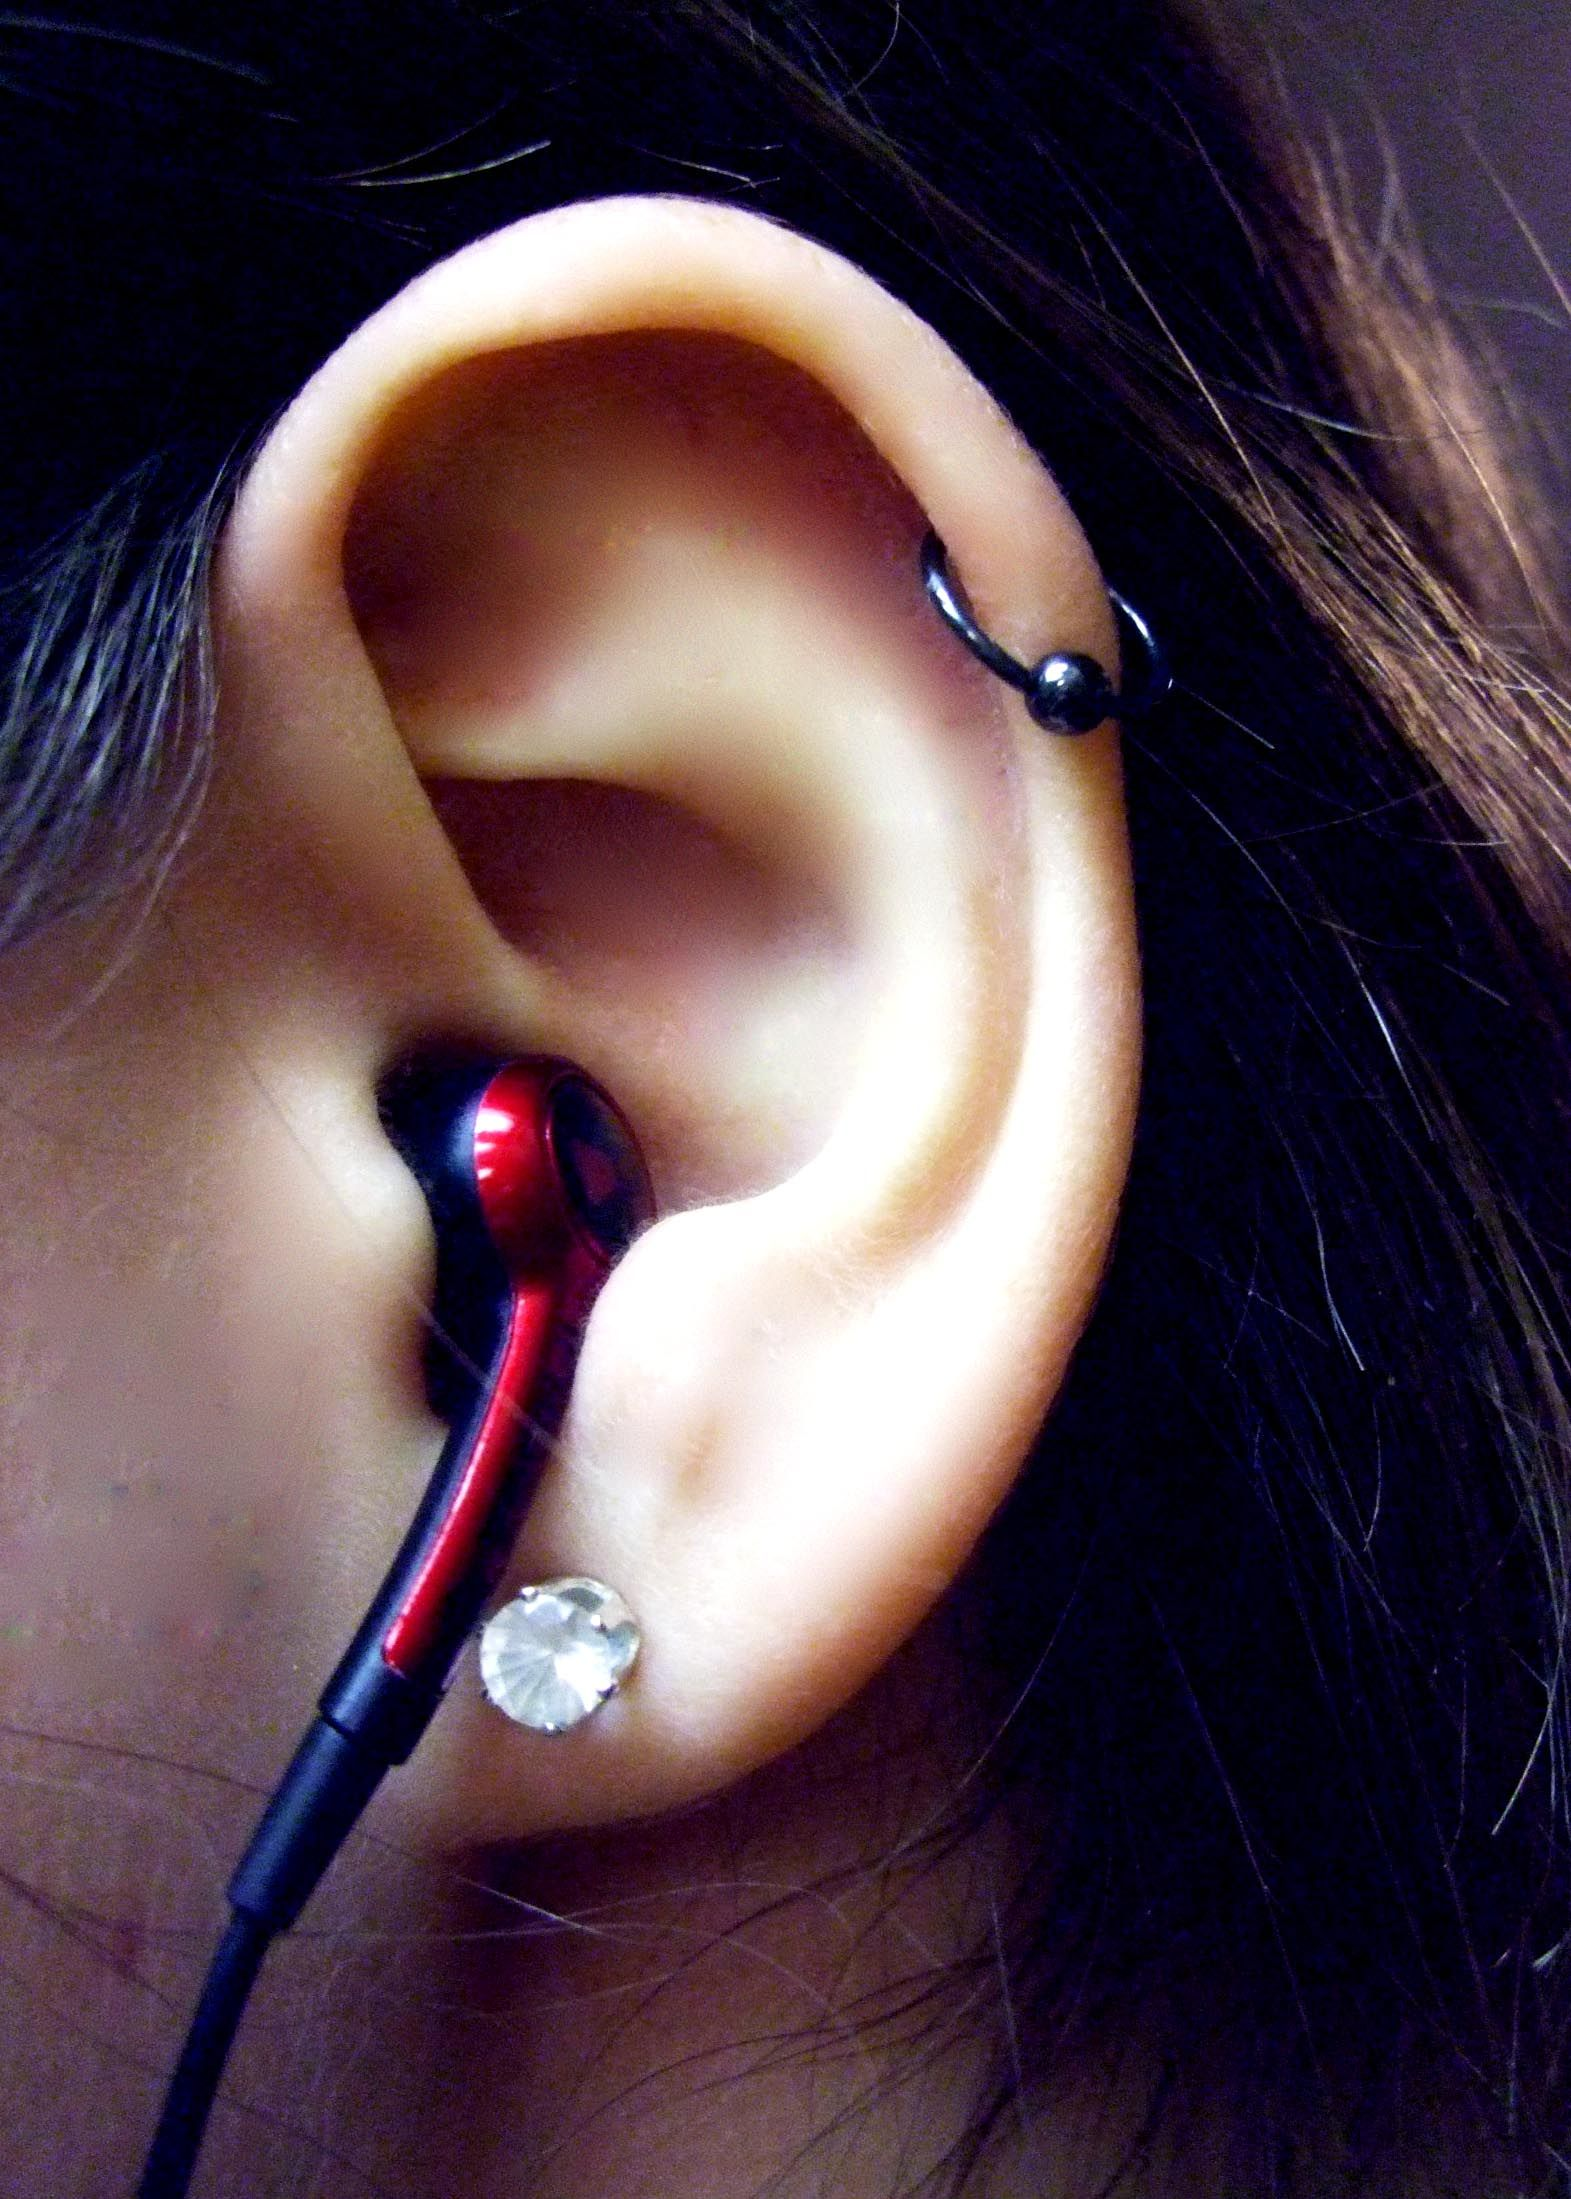 Nose piercing position  My ear piercings helix  PiercingsuTattoos  Pinterest  Ear